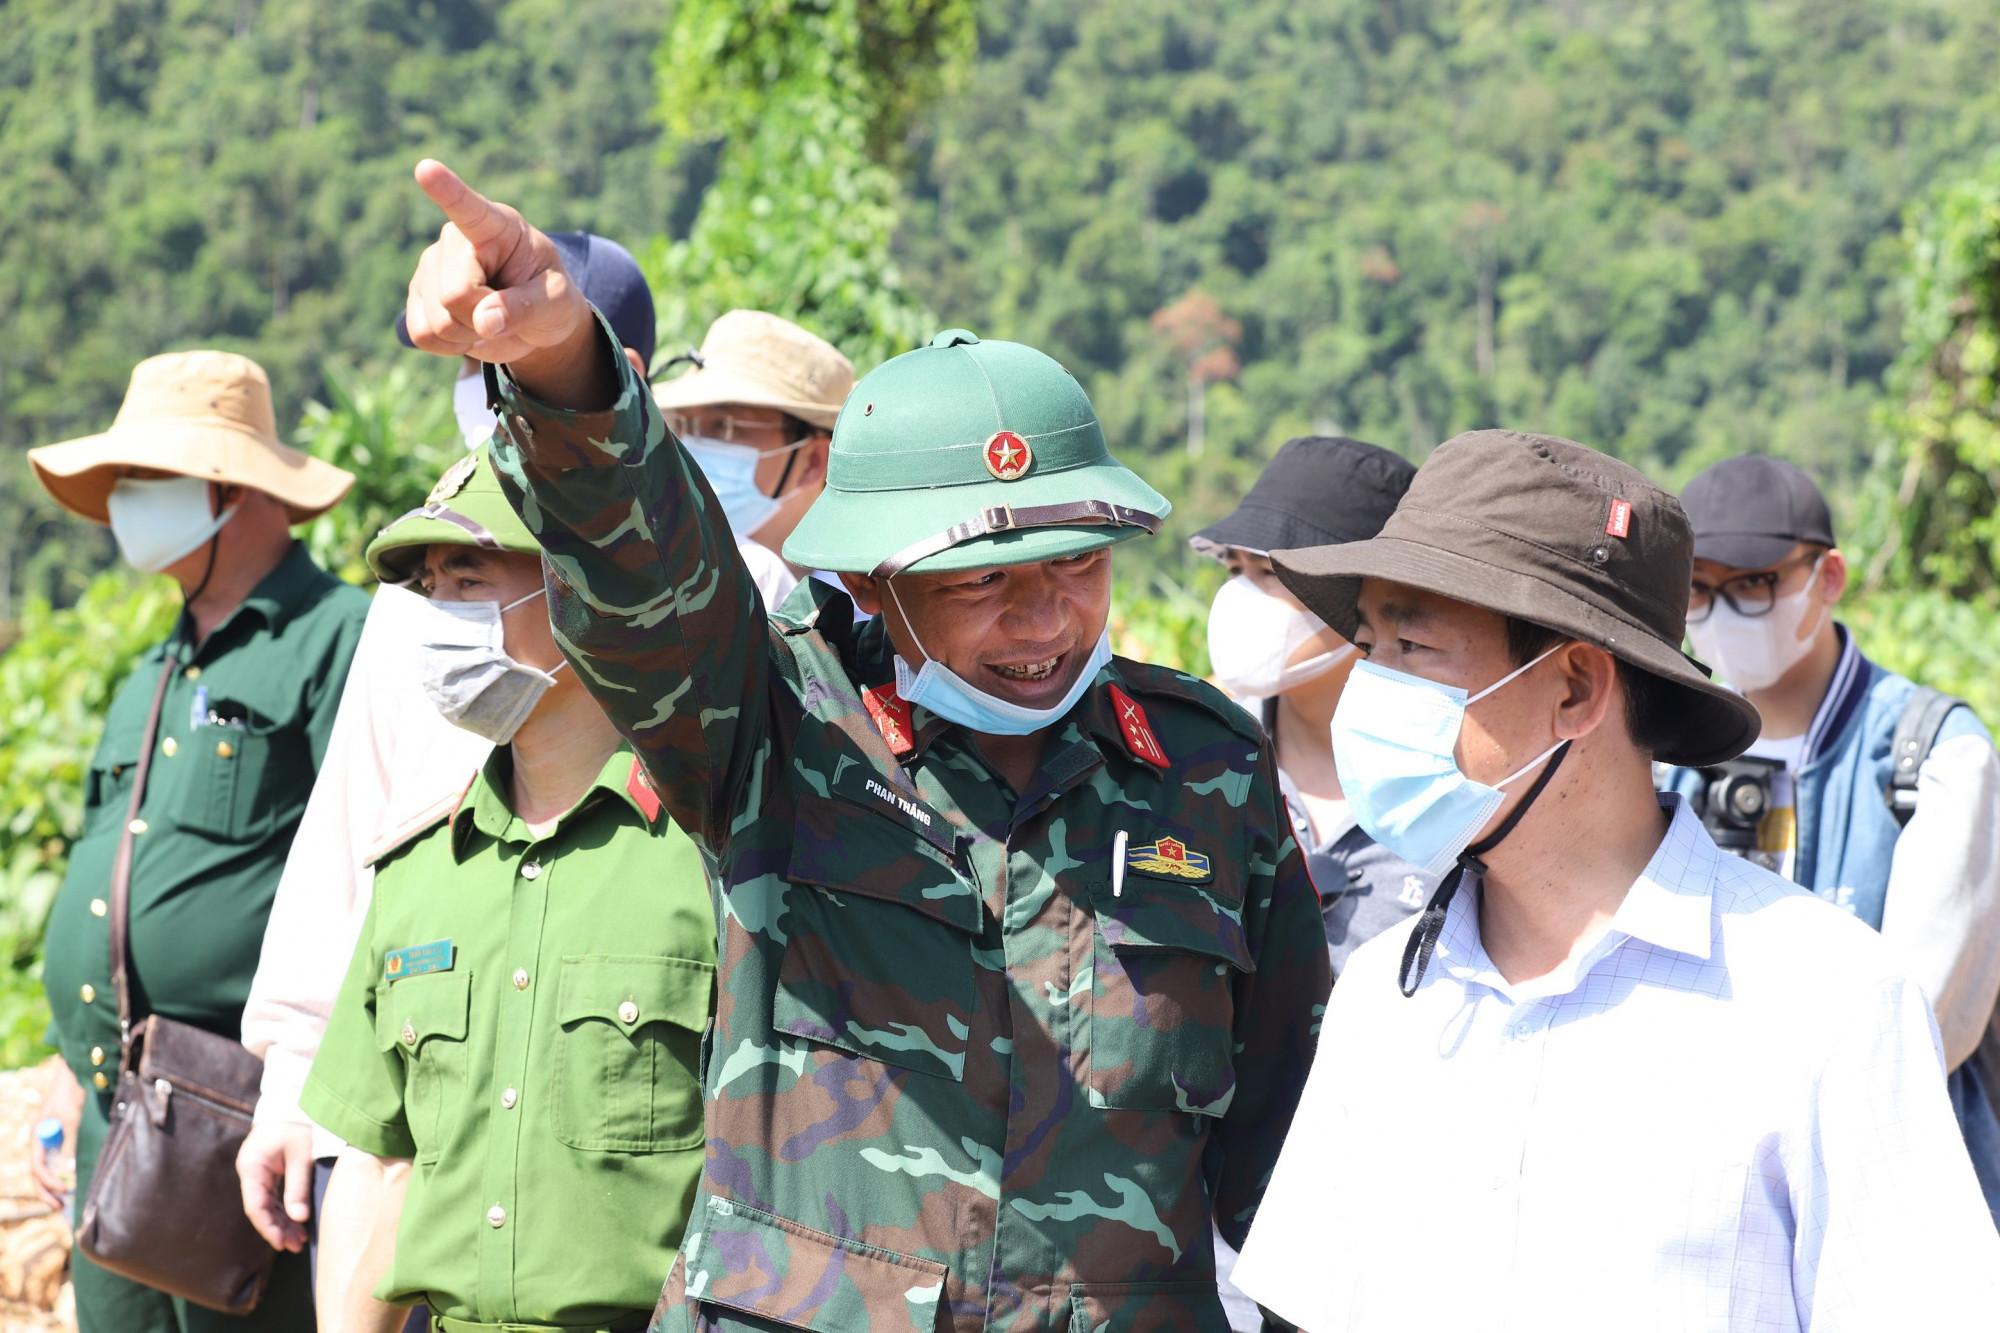 Trung tá Phan Thắng – Phó Chỉ huy trưởng, Tham mưu trưởng Bộ CHQS tỉnh báo cáo với lãnh đạo tỉnh địa hình các bãi bồi